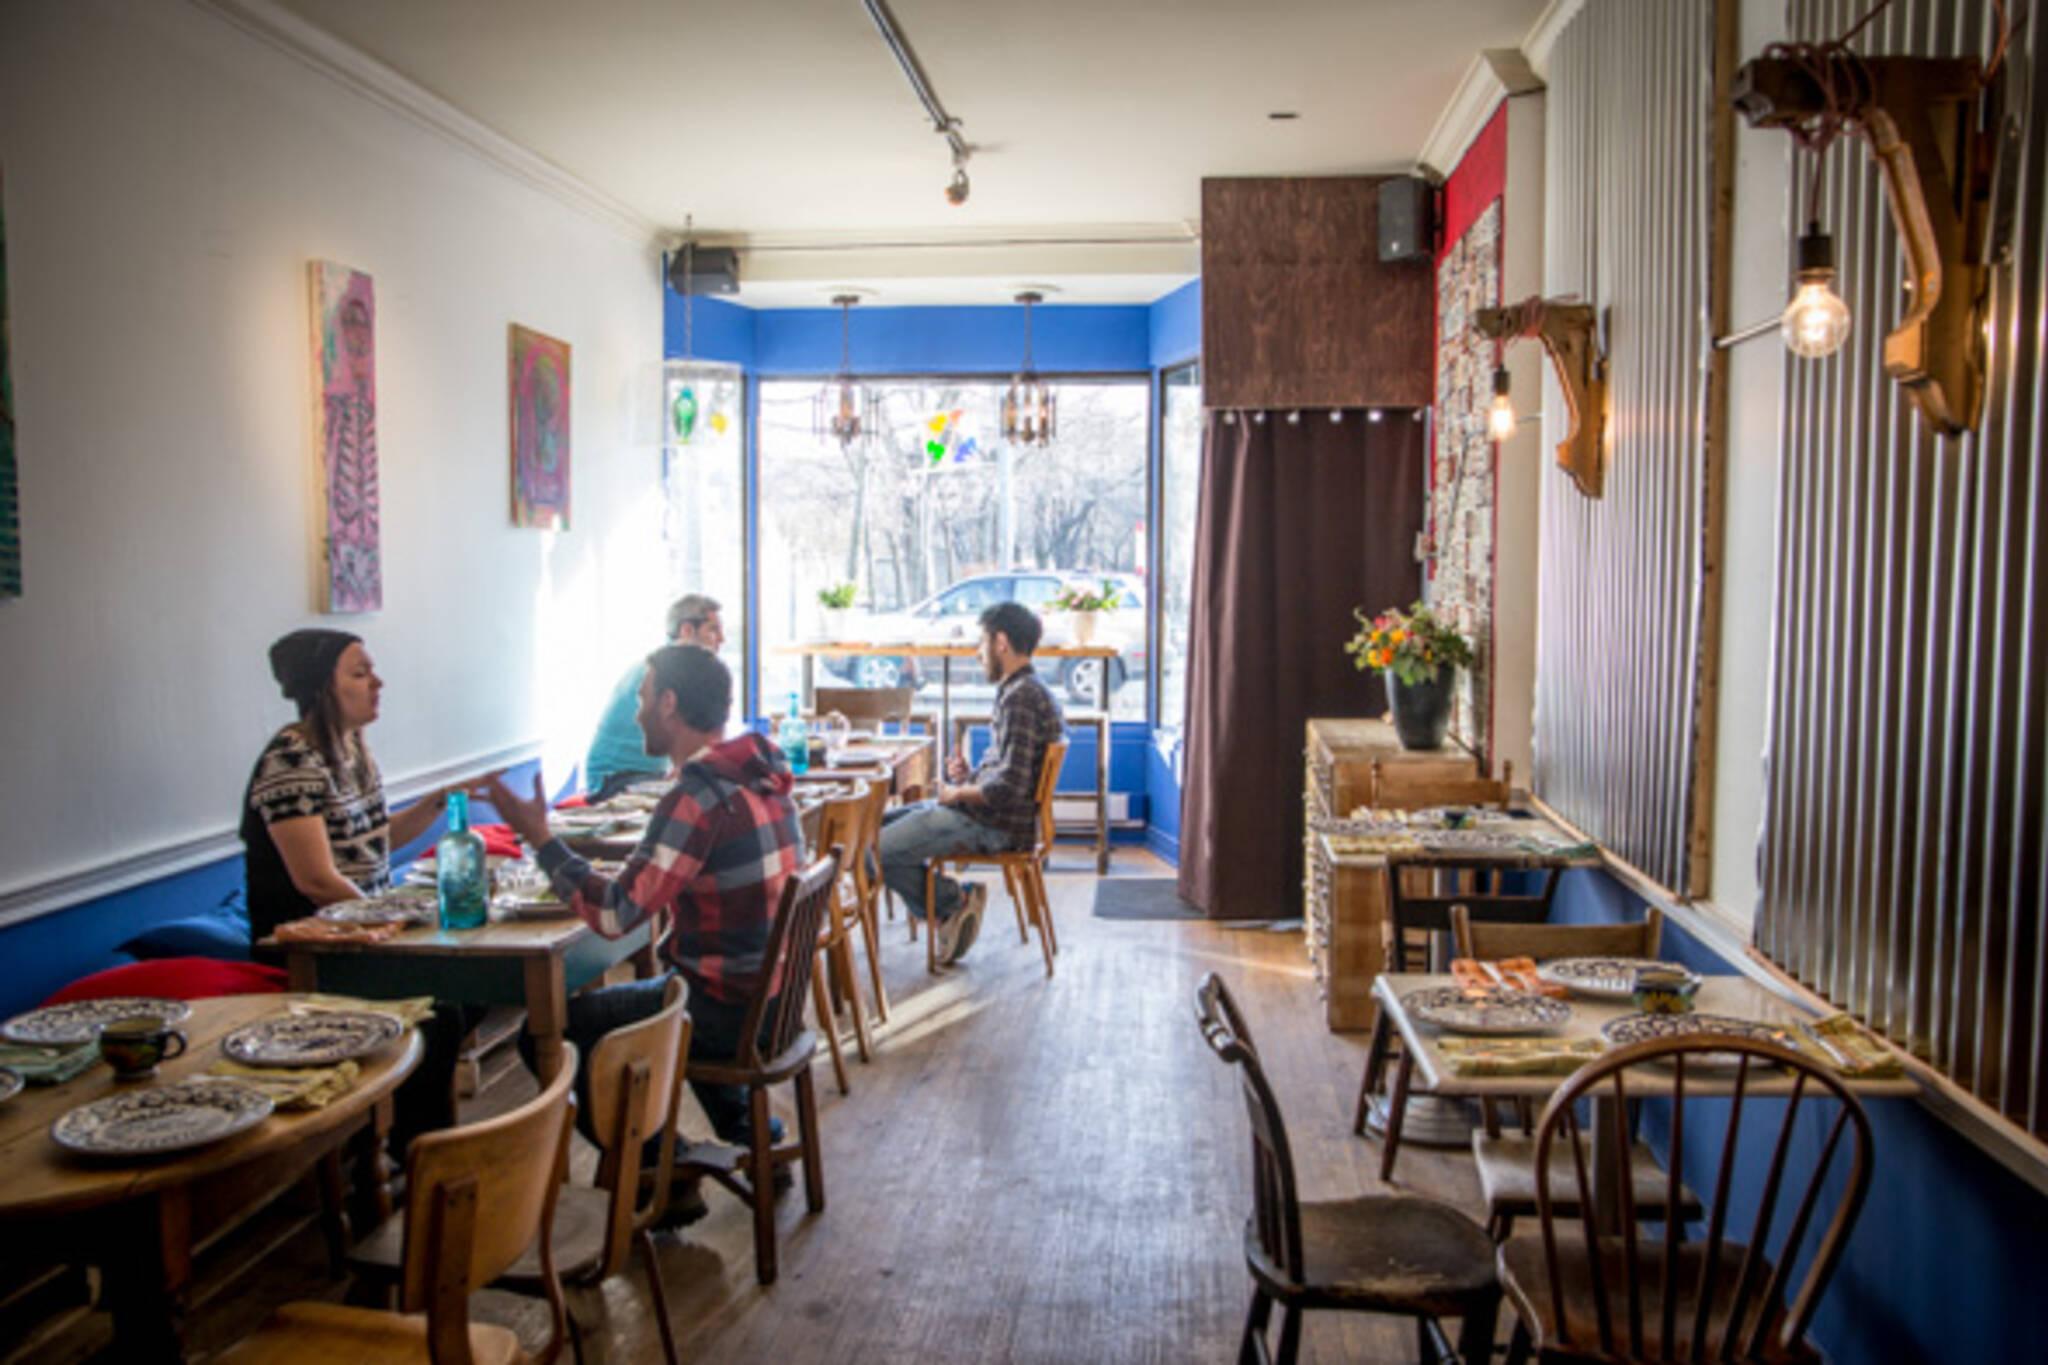 restaurant ipo toronto